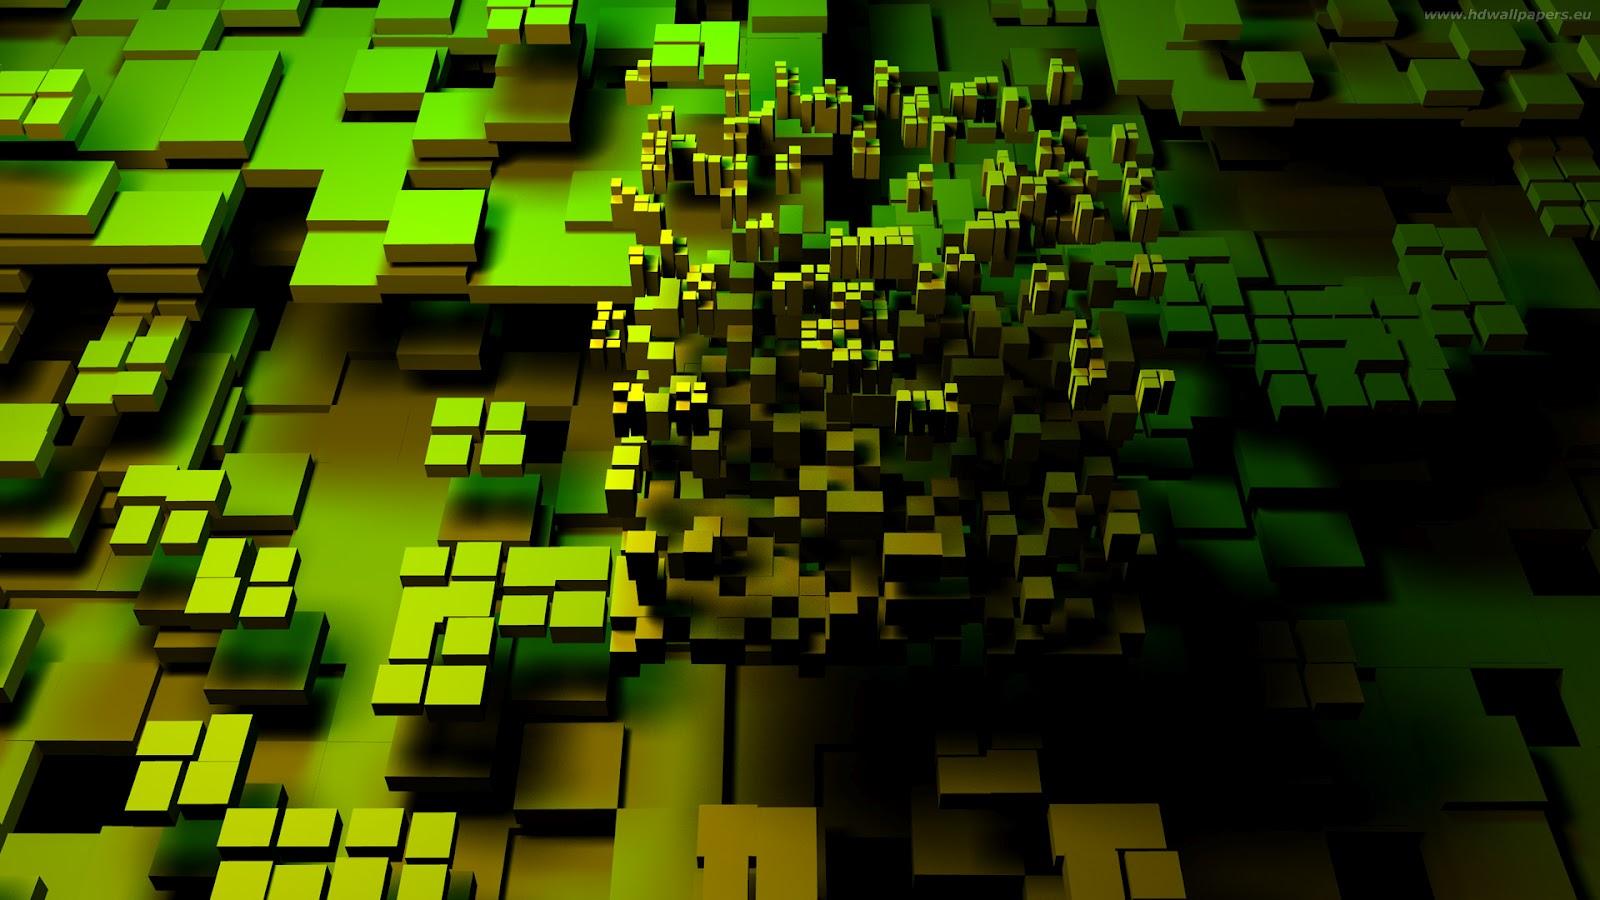 http://2.bp.blogspot.com/-AYOGH6fQbMc/T8ZKYrP3PSI/AAAAAAAAAio/lHB-ghlaN4Y/s1600/Green+Technology+Wallpaper.jpg